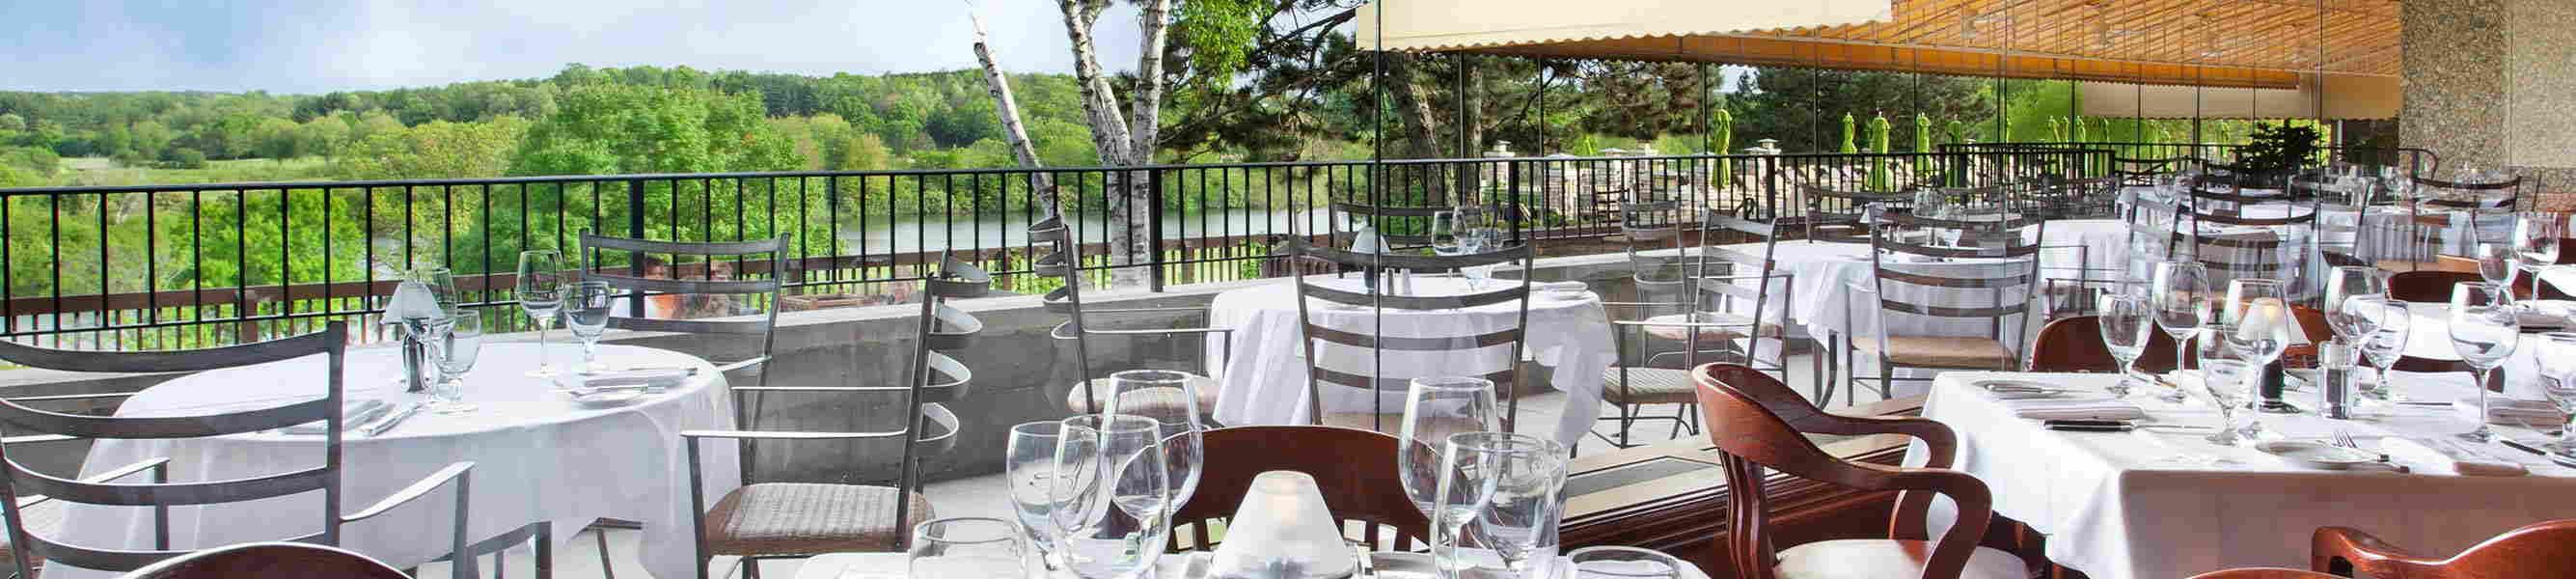 Dining at Grand Geneva Resort & Spa